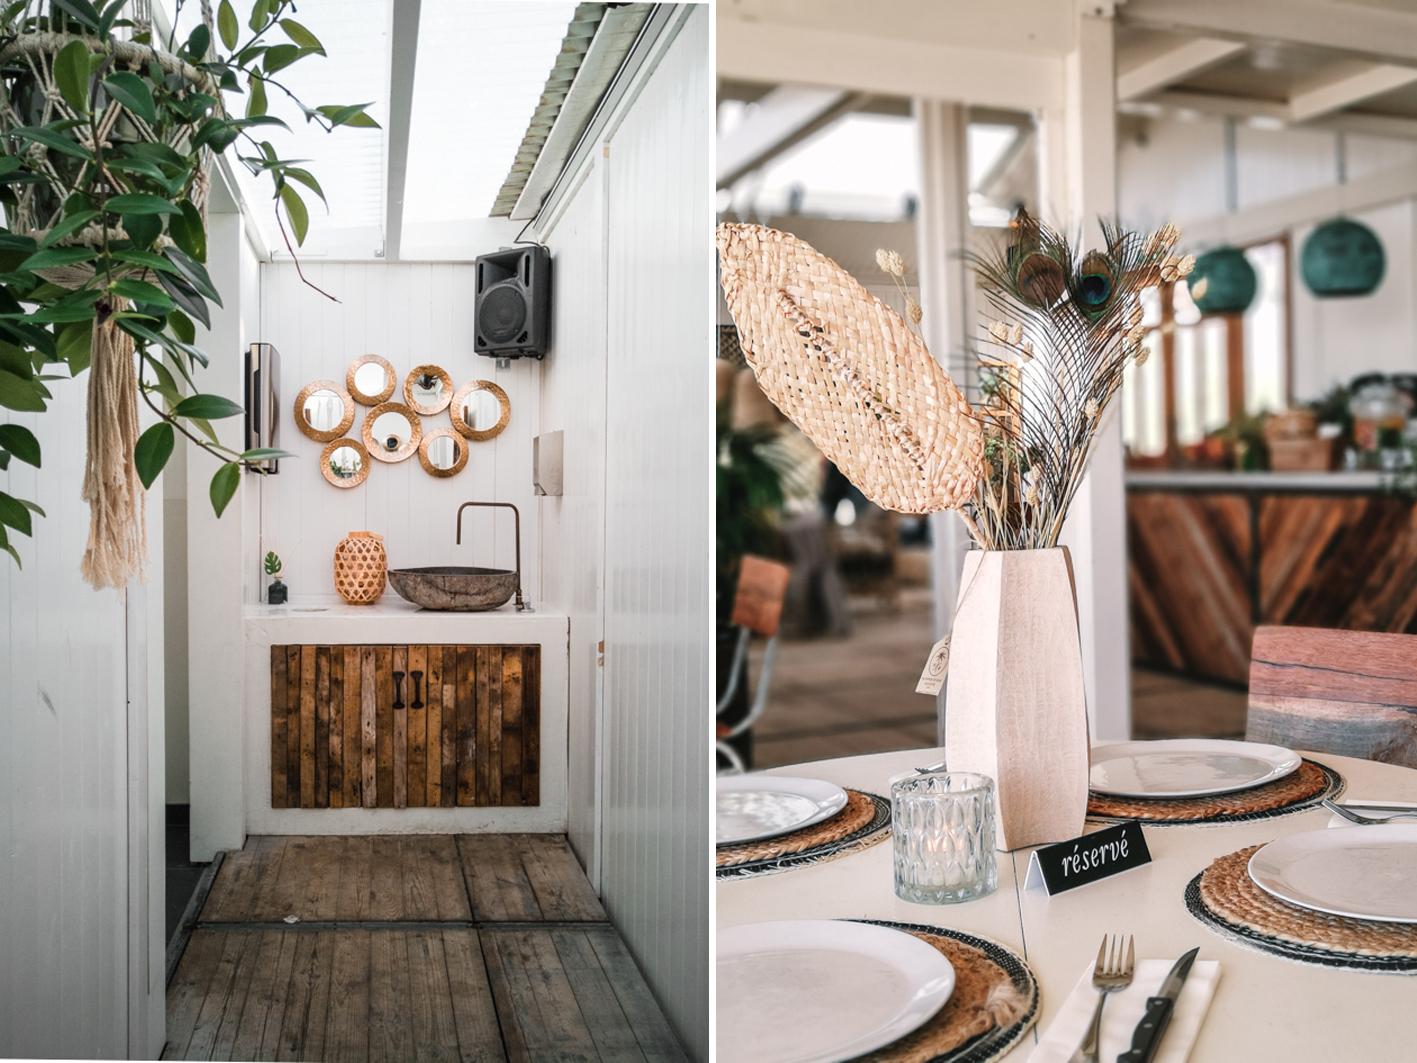 Restaurant Hippie Fish in Zandvoort